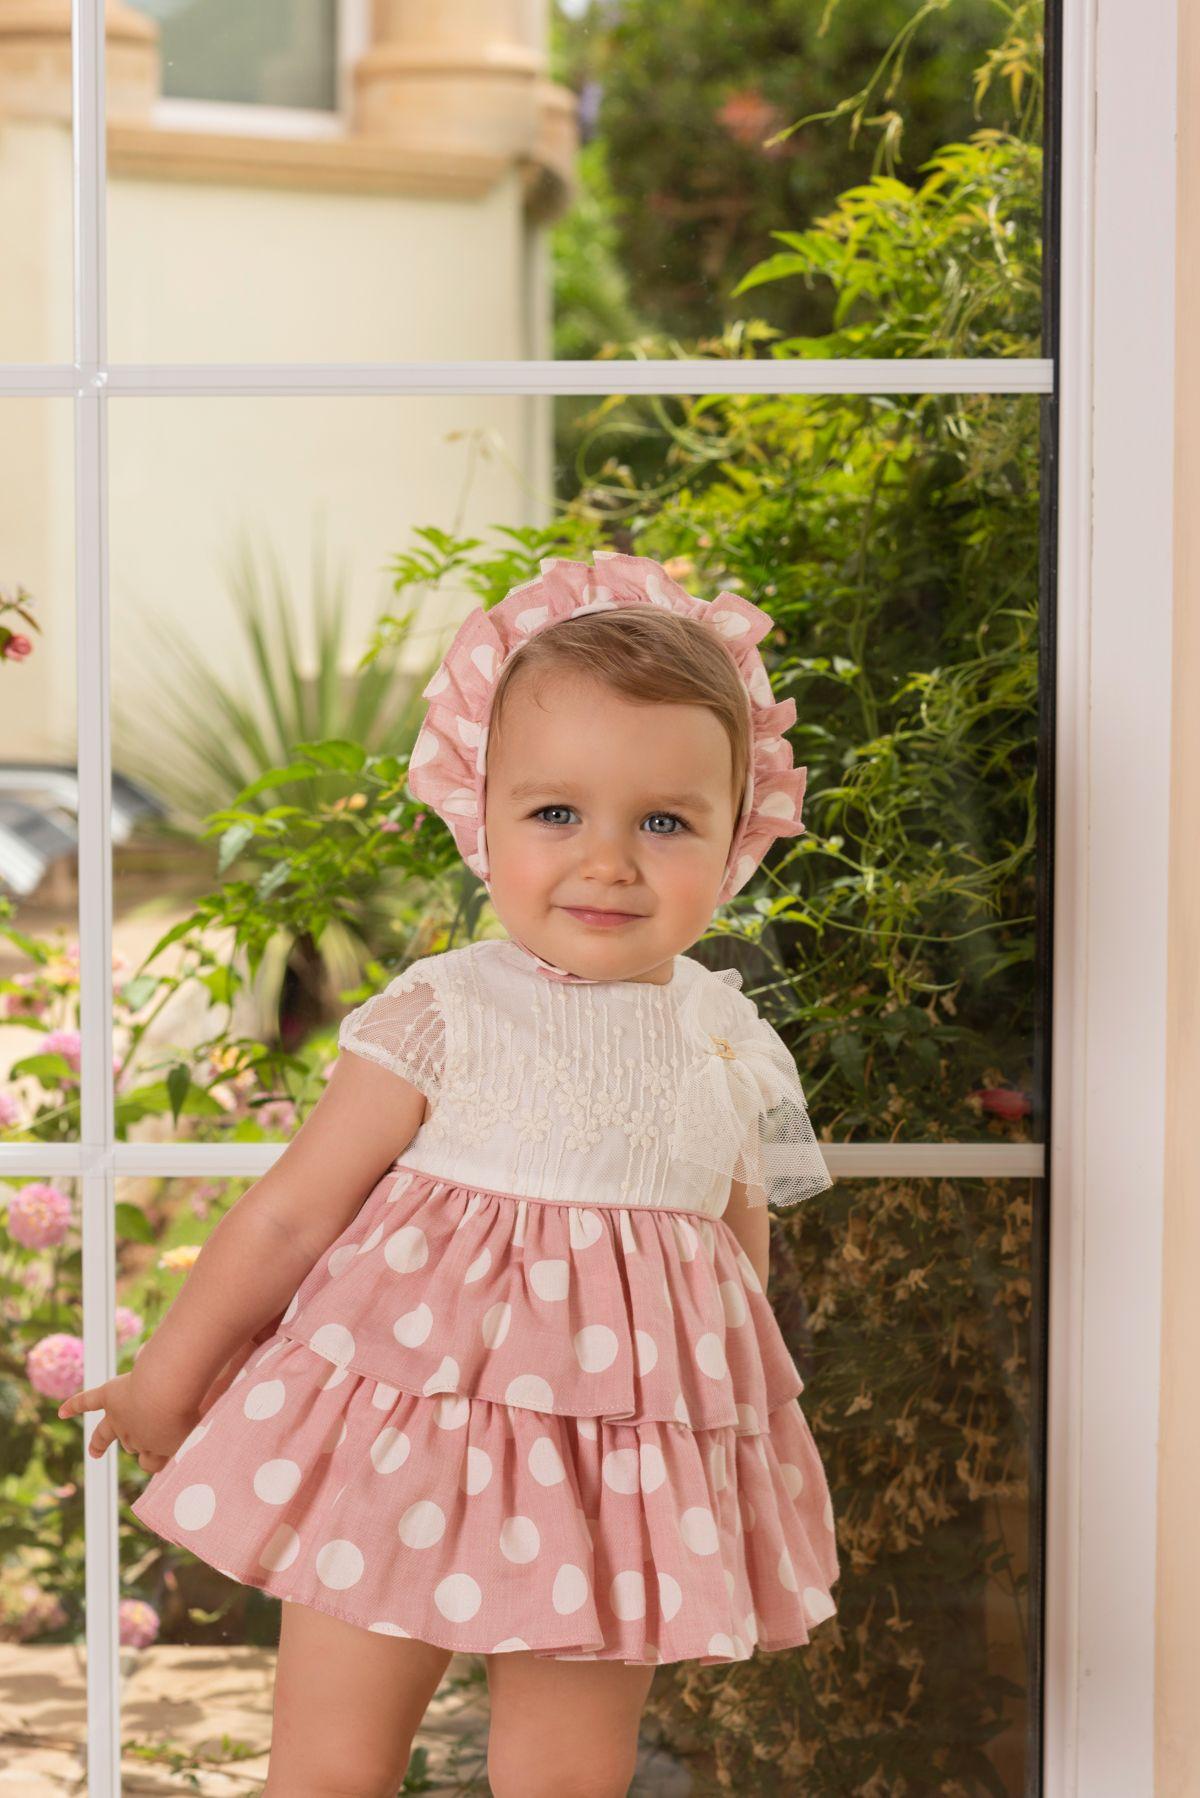 869435421046a Conjunto para bebé niña compuesto por vestido con cuerpo de encaje en crudo  adornado de lazo